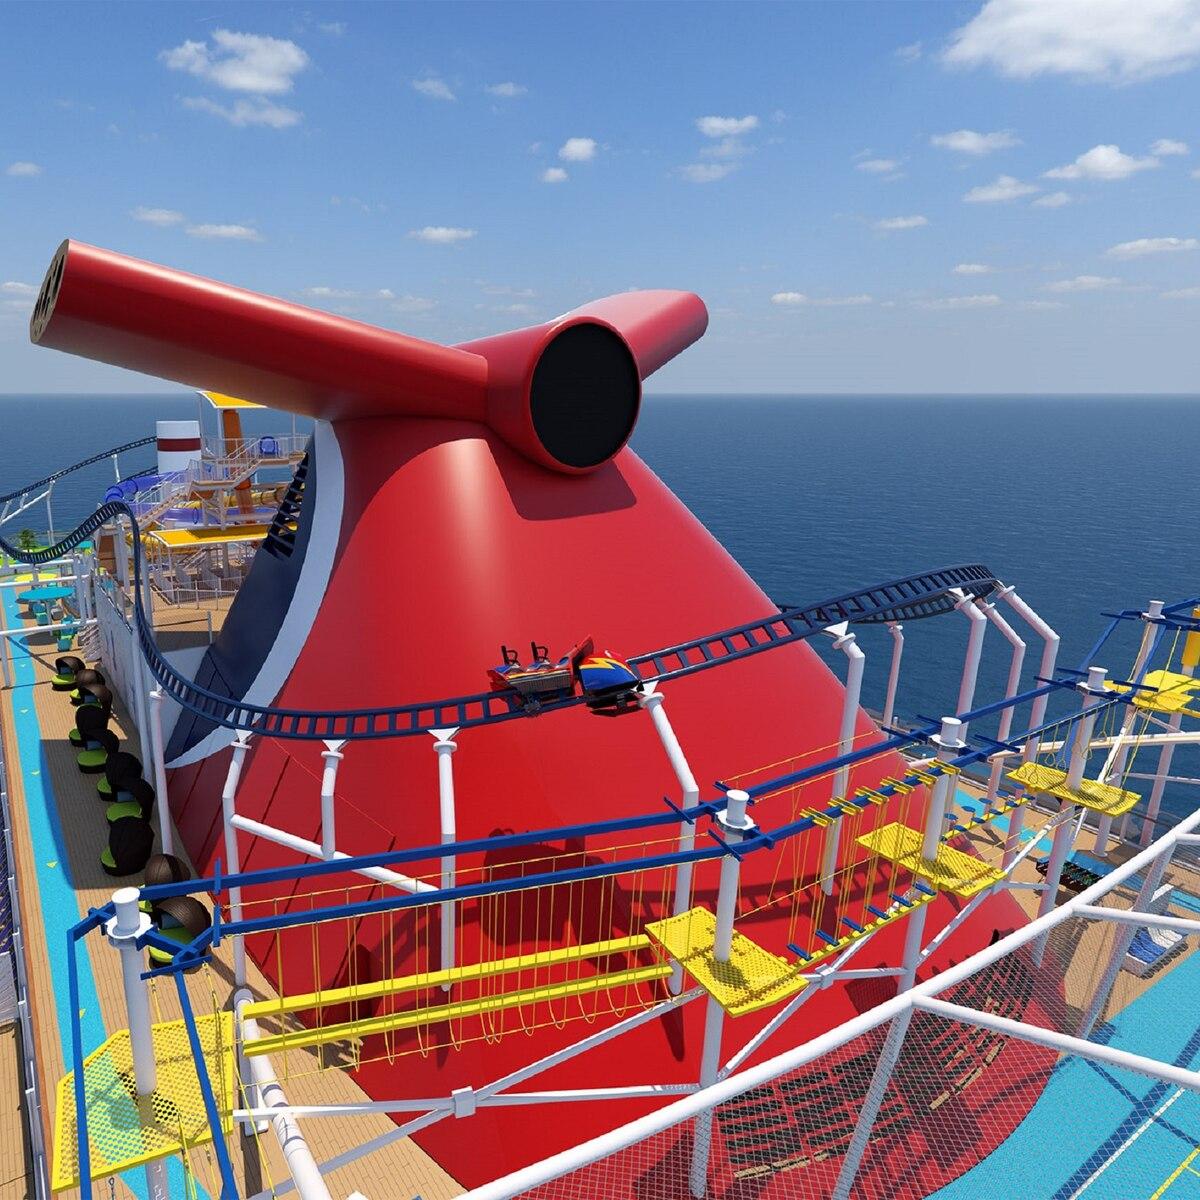 Carnival pospone el viaje inaugural del barco Mardi Gras hasta febrero de 2021